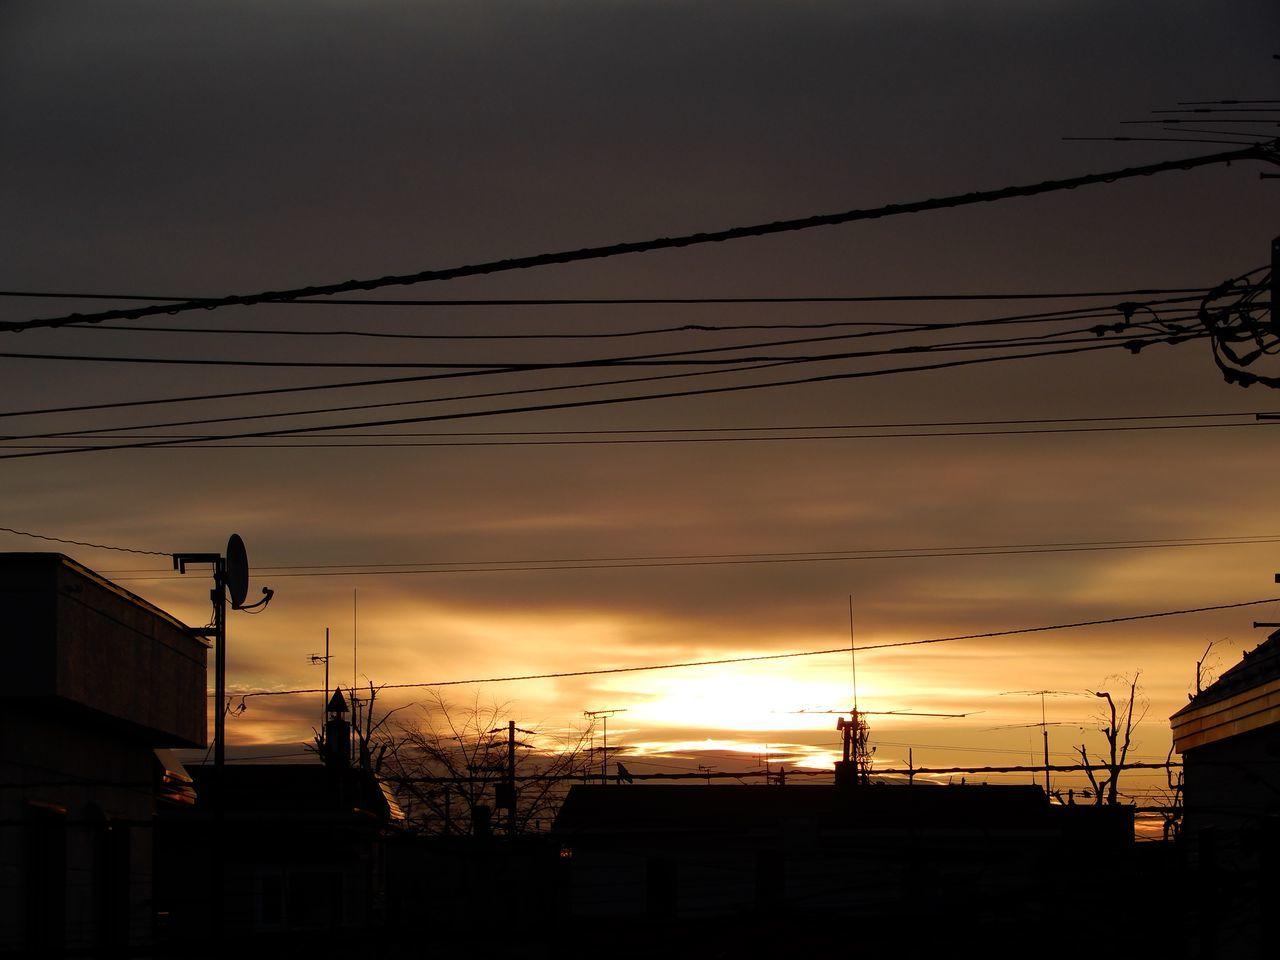 最高気温7.9℃は暖かい_c0025115_22270663.jpg